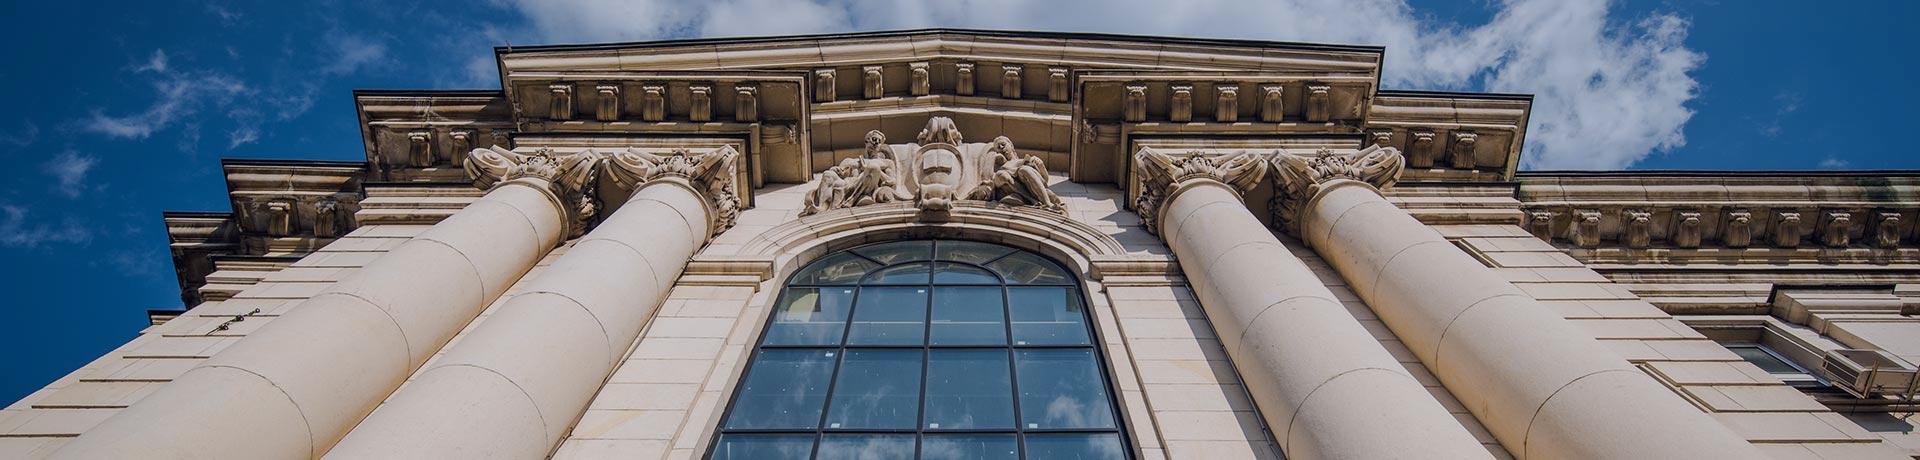 Un bâtiment administratif